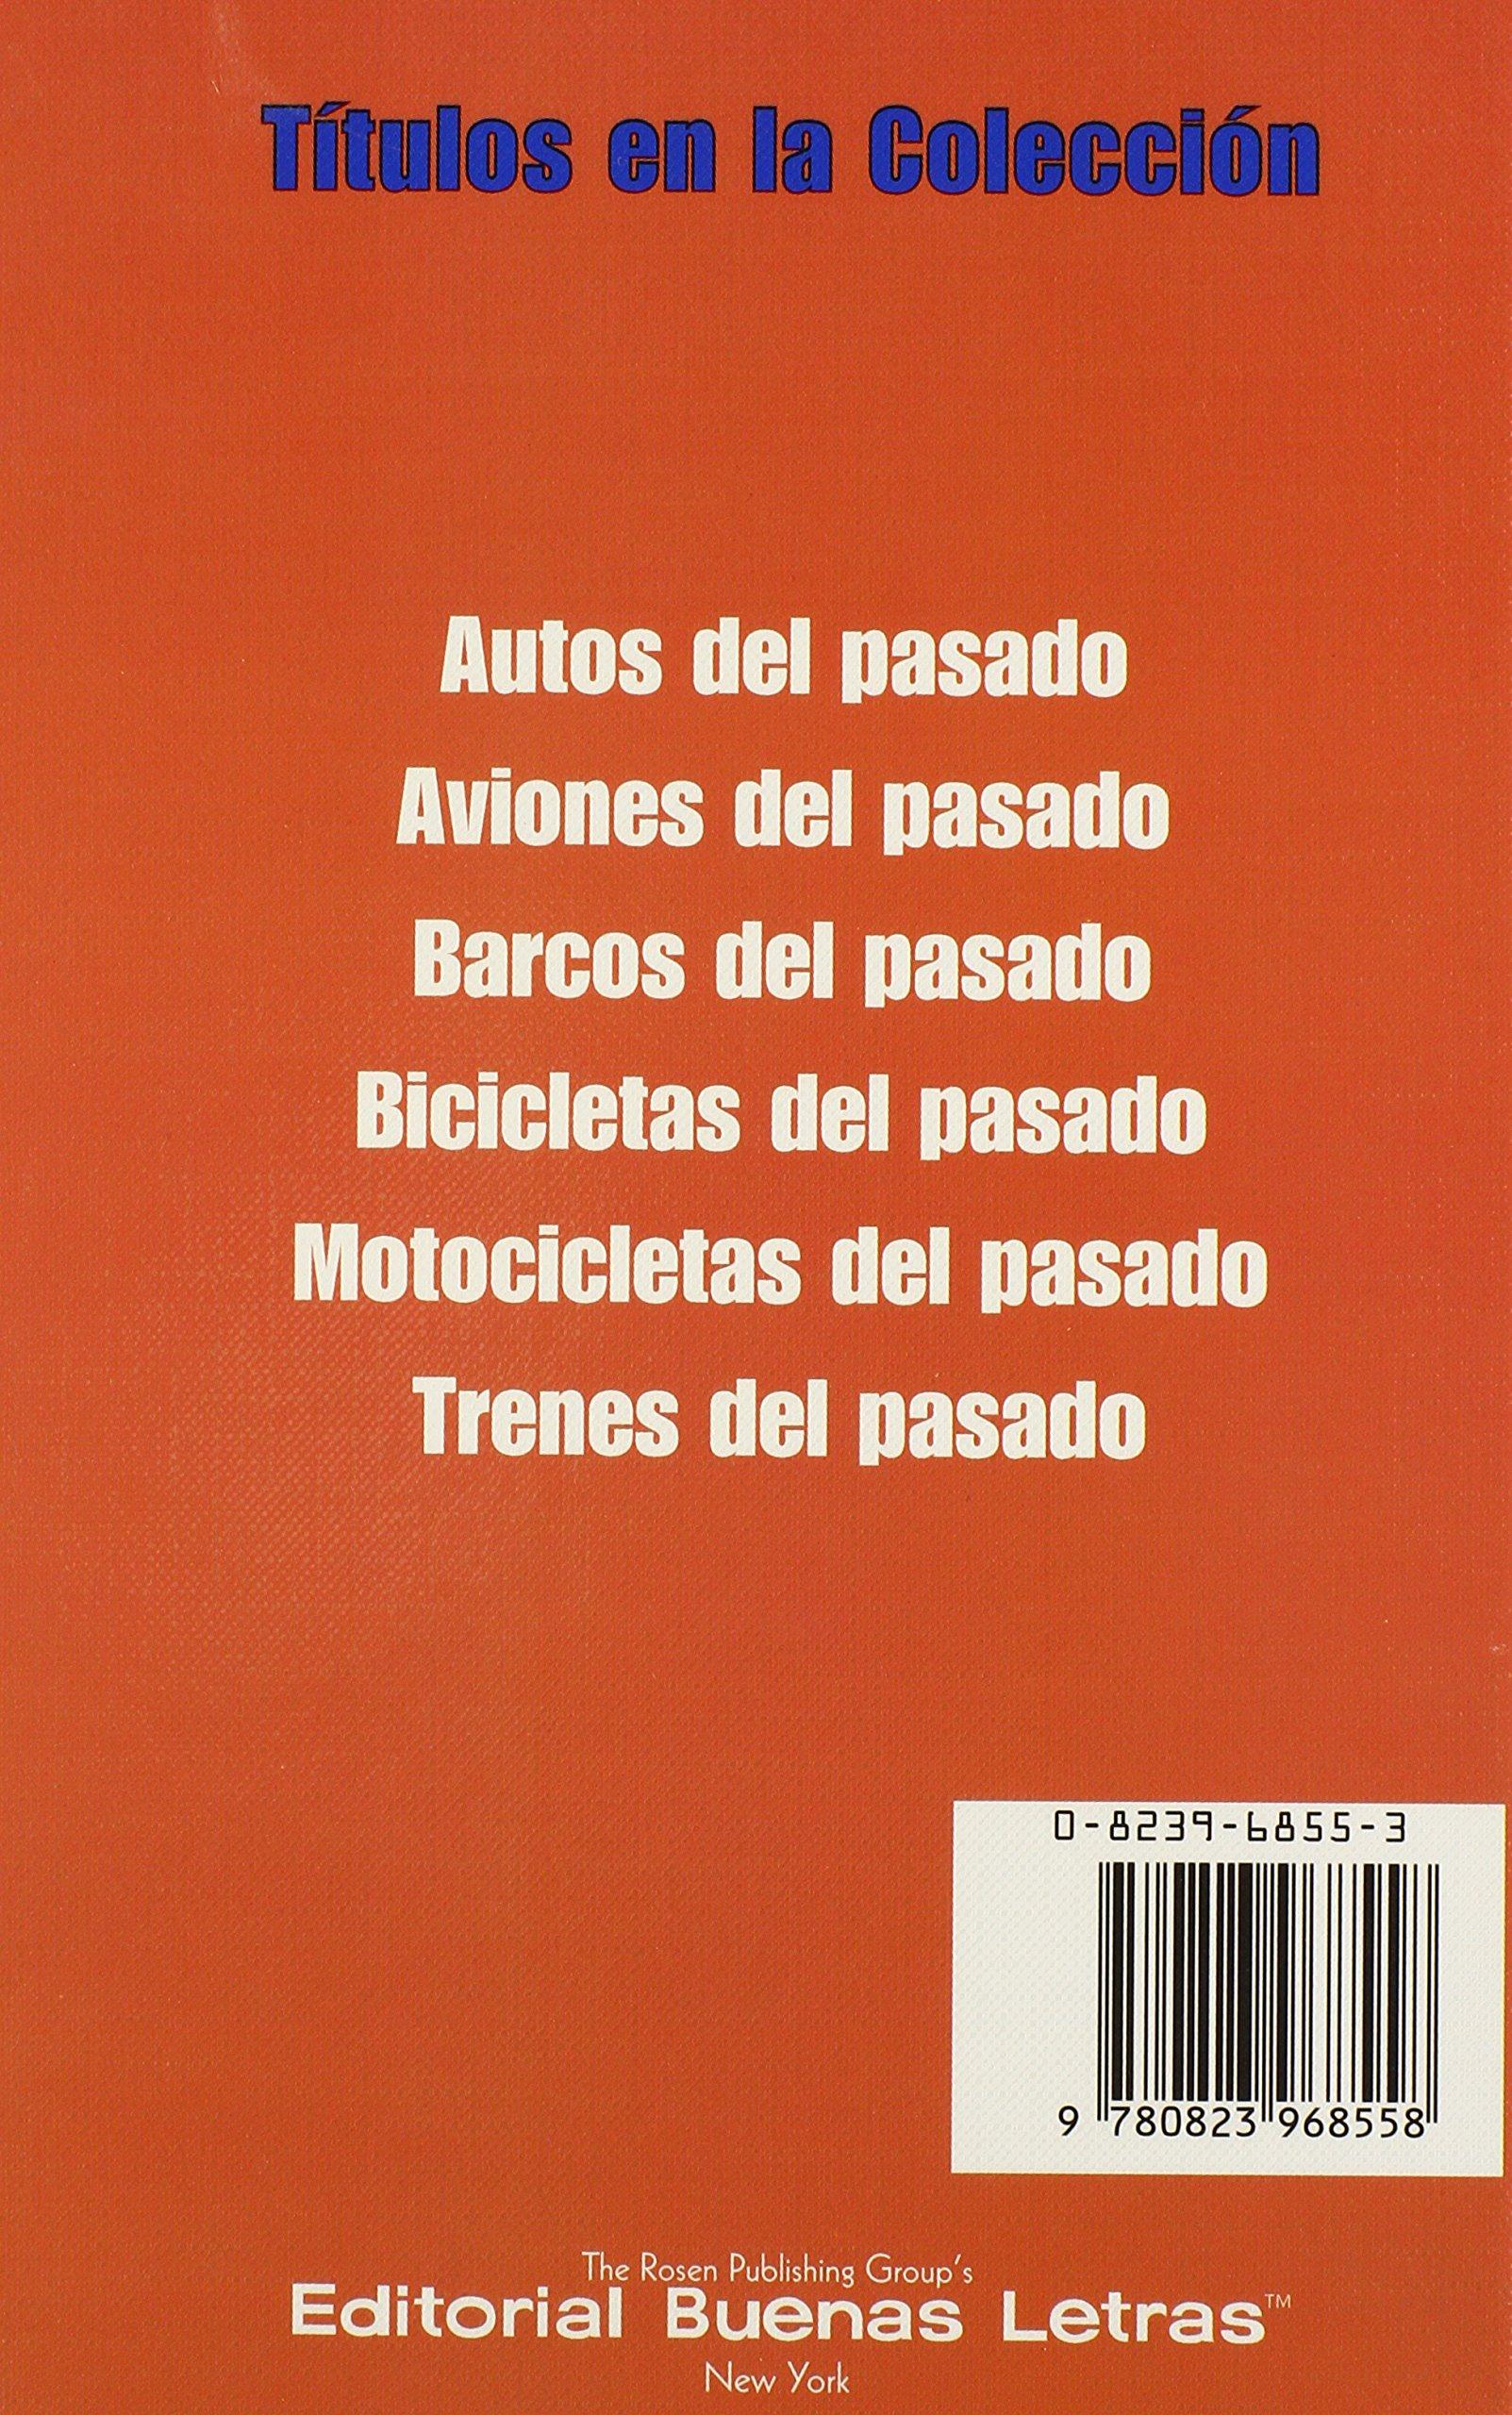 Barcos Del Pasado (El Tranporte Ayer y Hoy) (Spanish Edition) by Powerplus (Image #3)